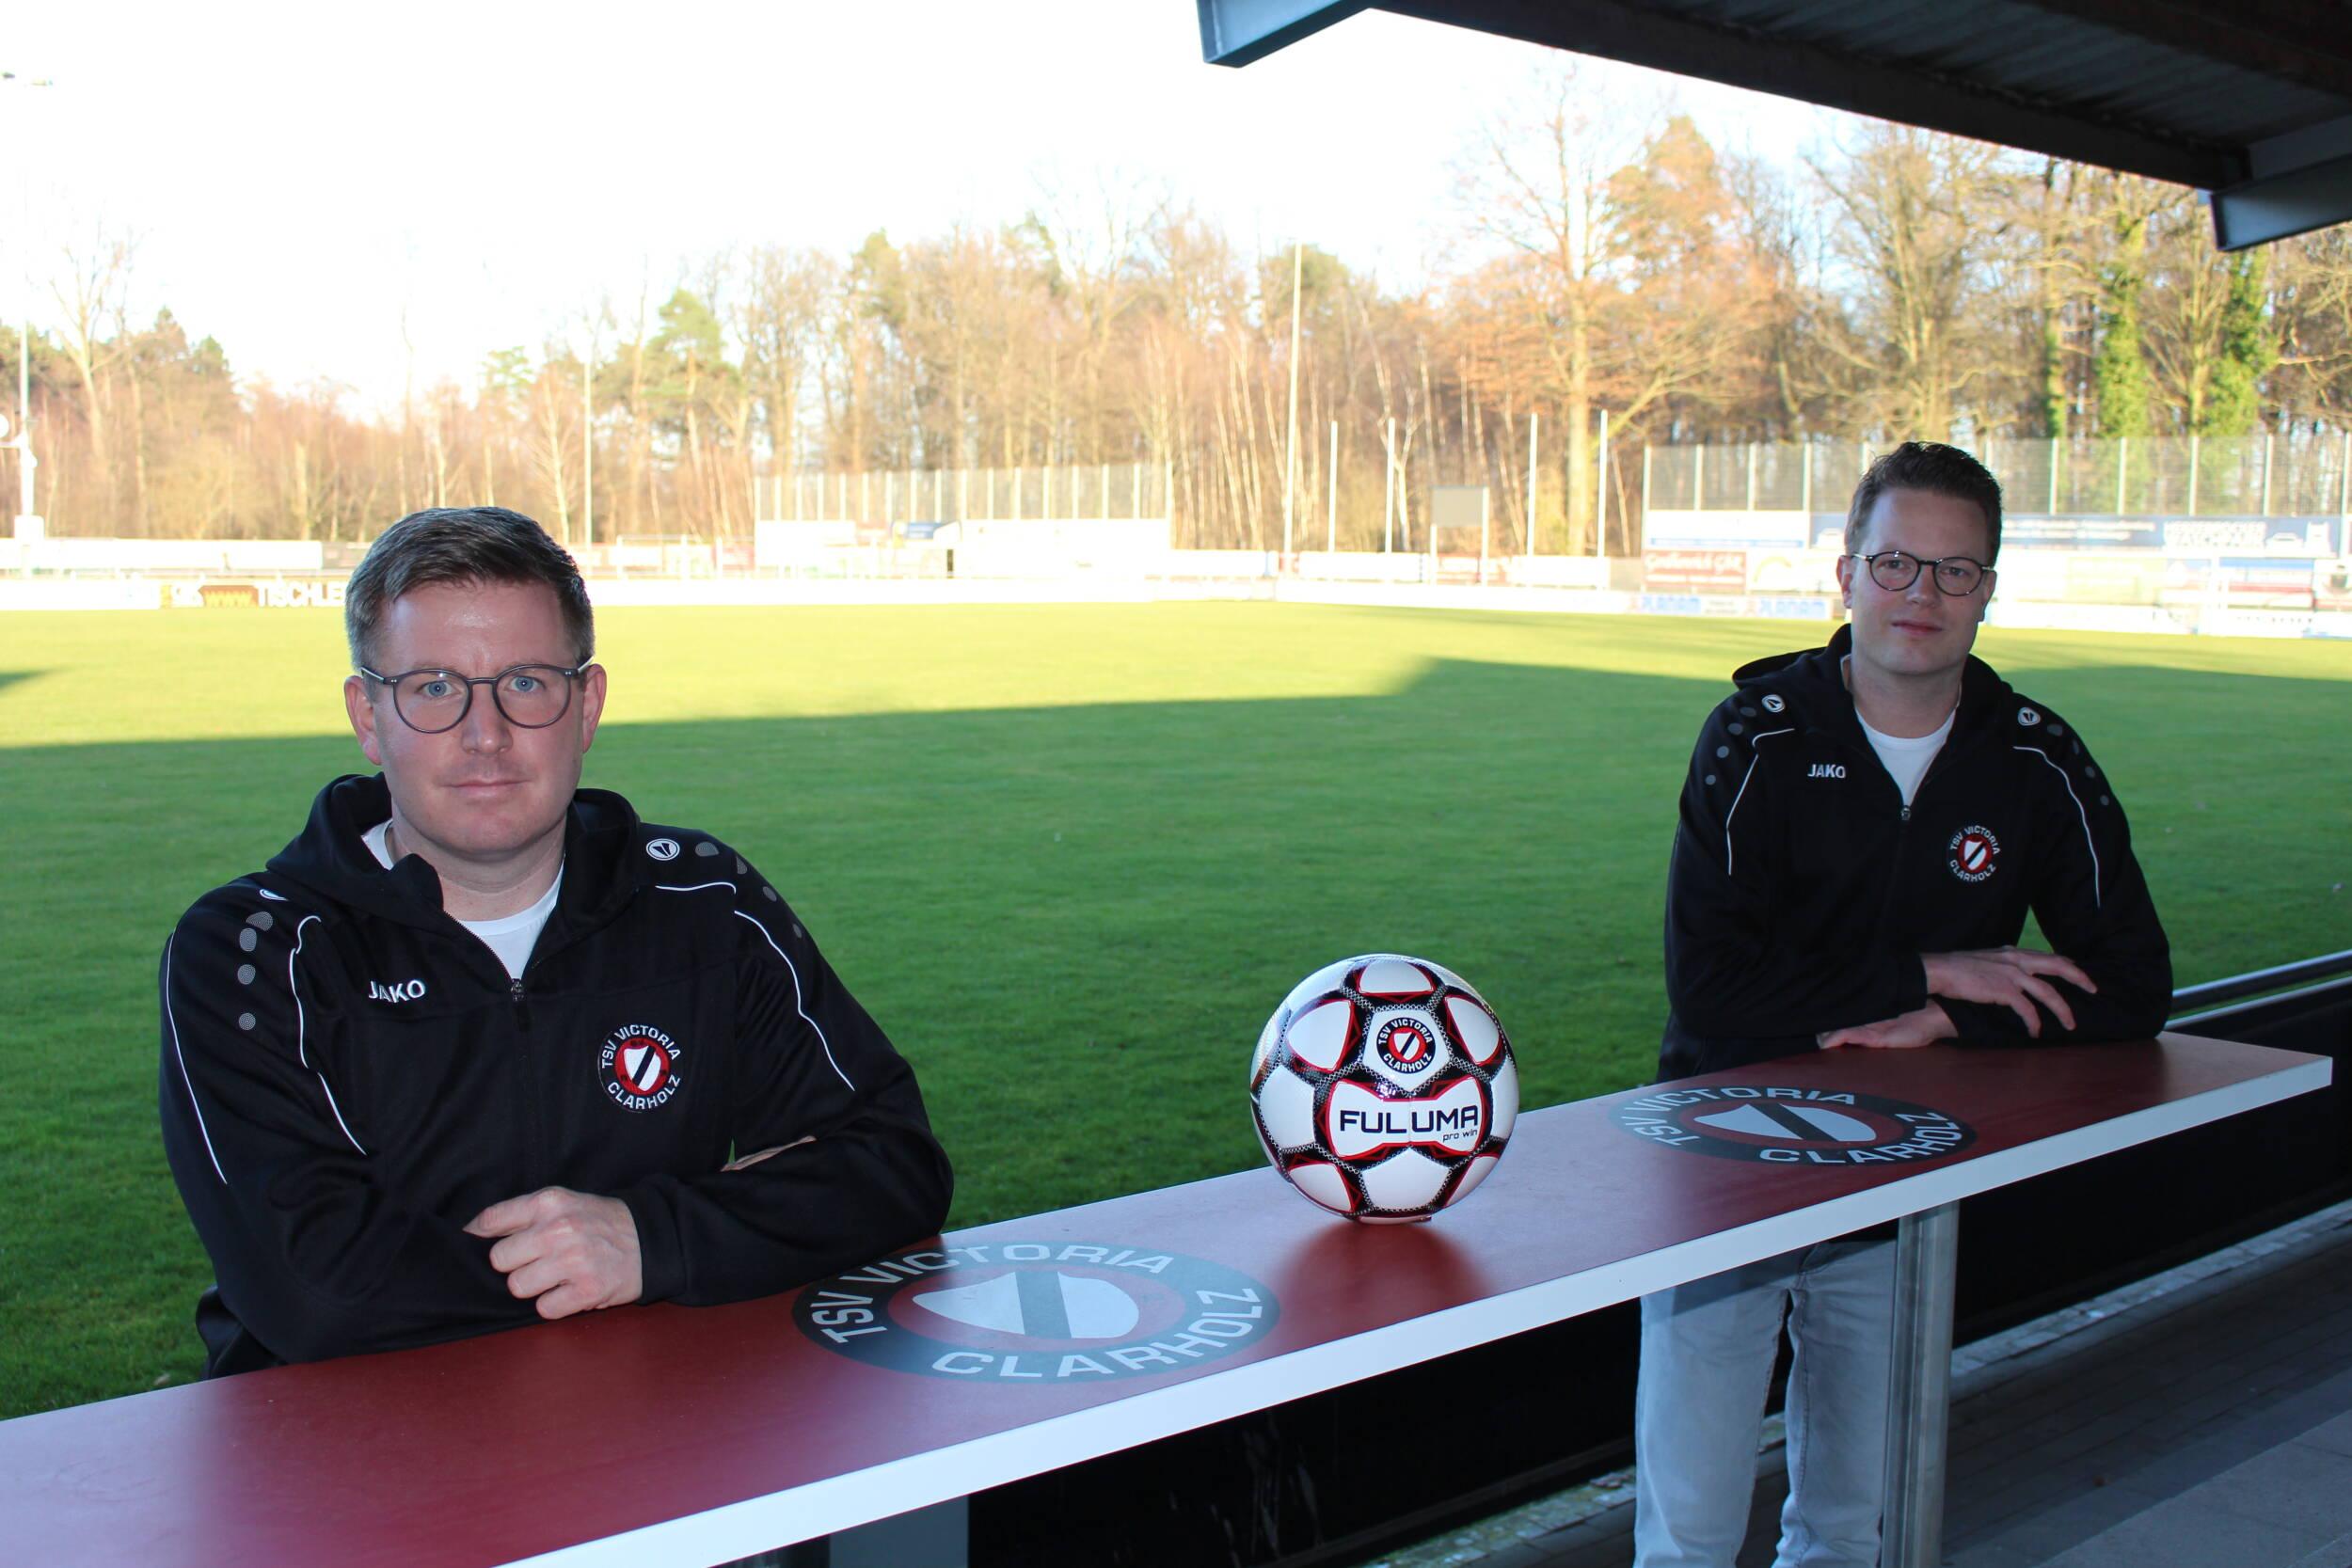 Fußball<br>Winkelmann verlängert und wird Sportlicher Leiter im Jugendbereich